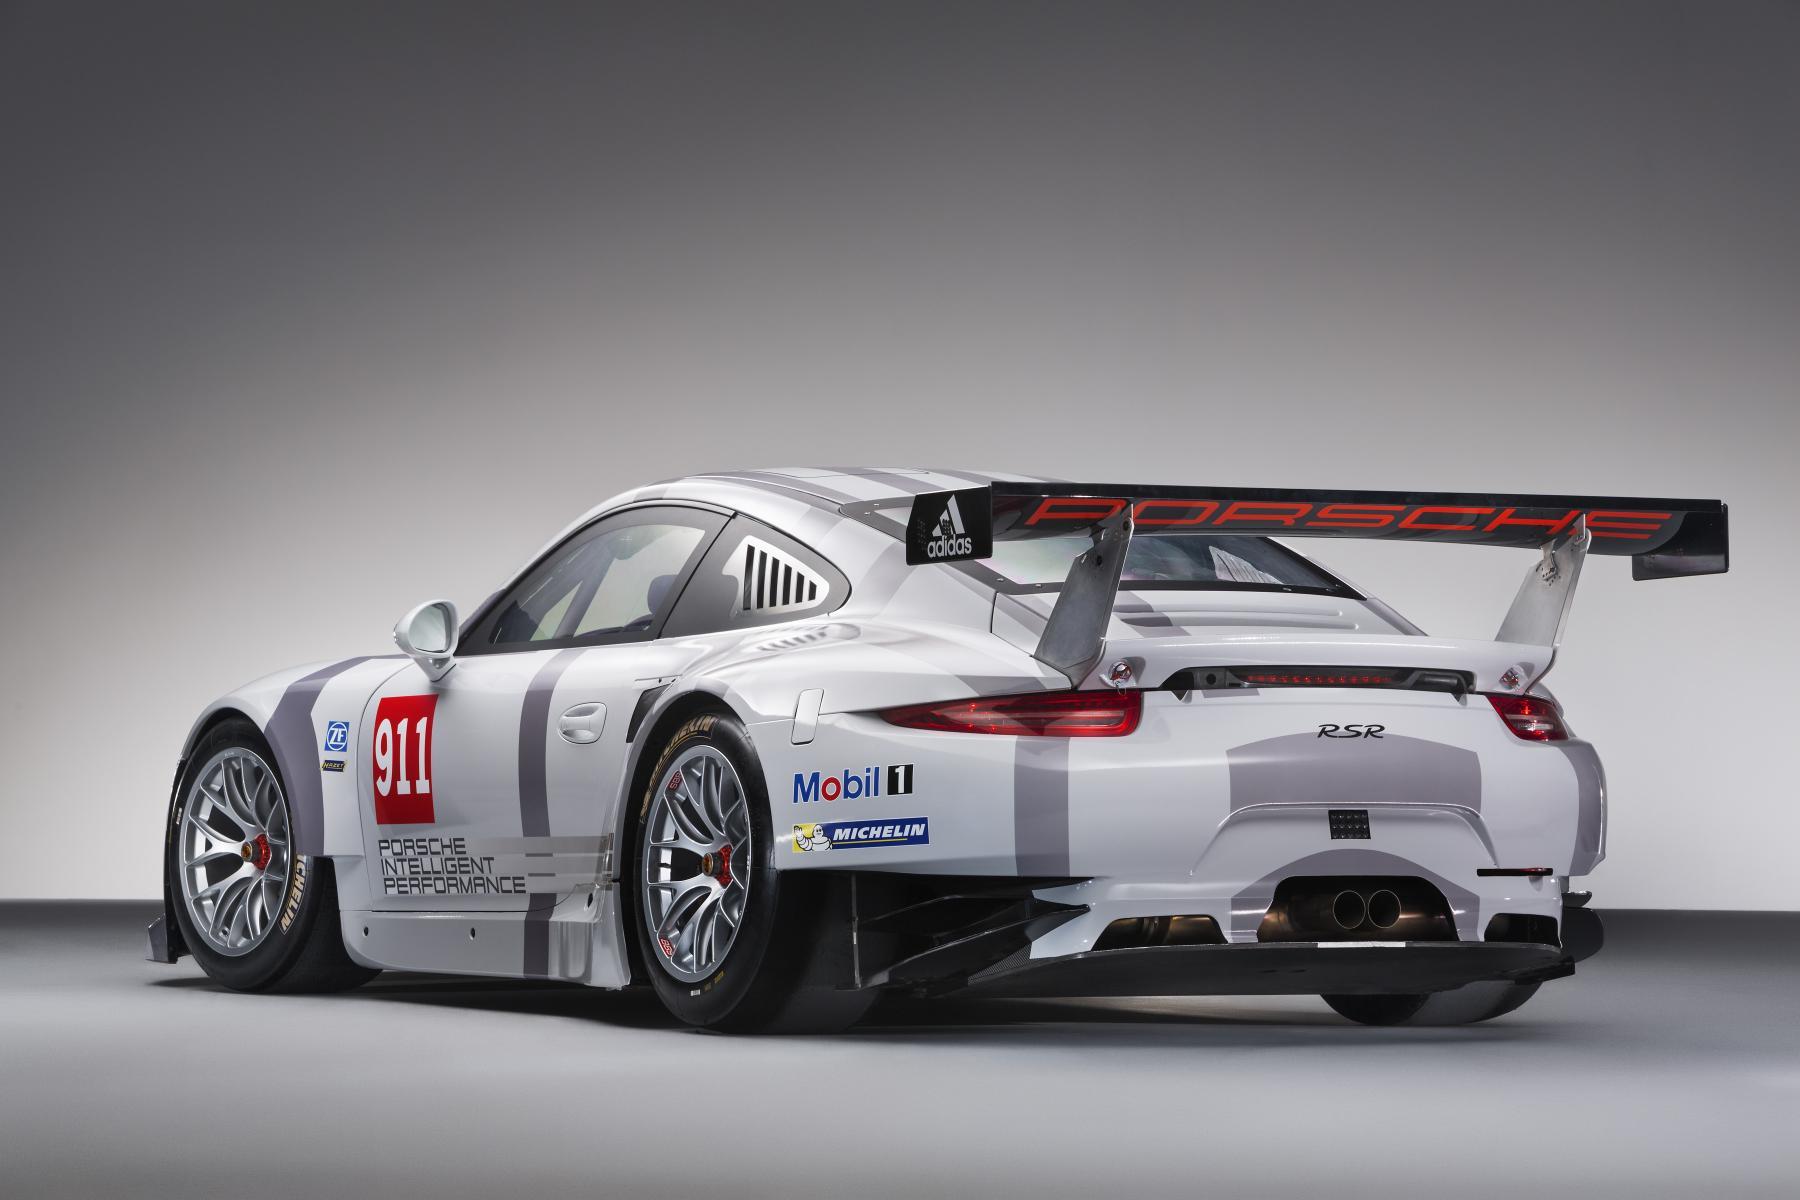 P14_0186_a4_rgb Outstanding Maisto Porsche 911 Gt1 Le Mans 1998 Cars Trend